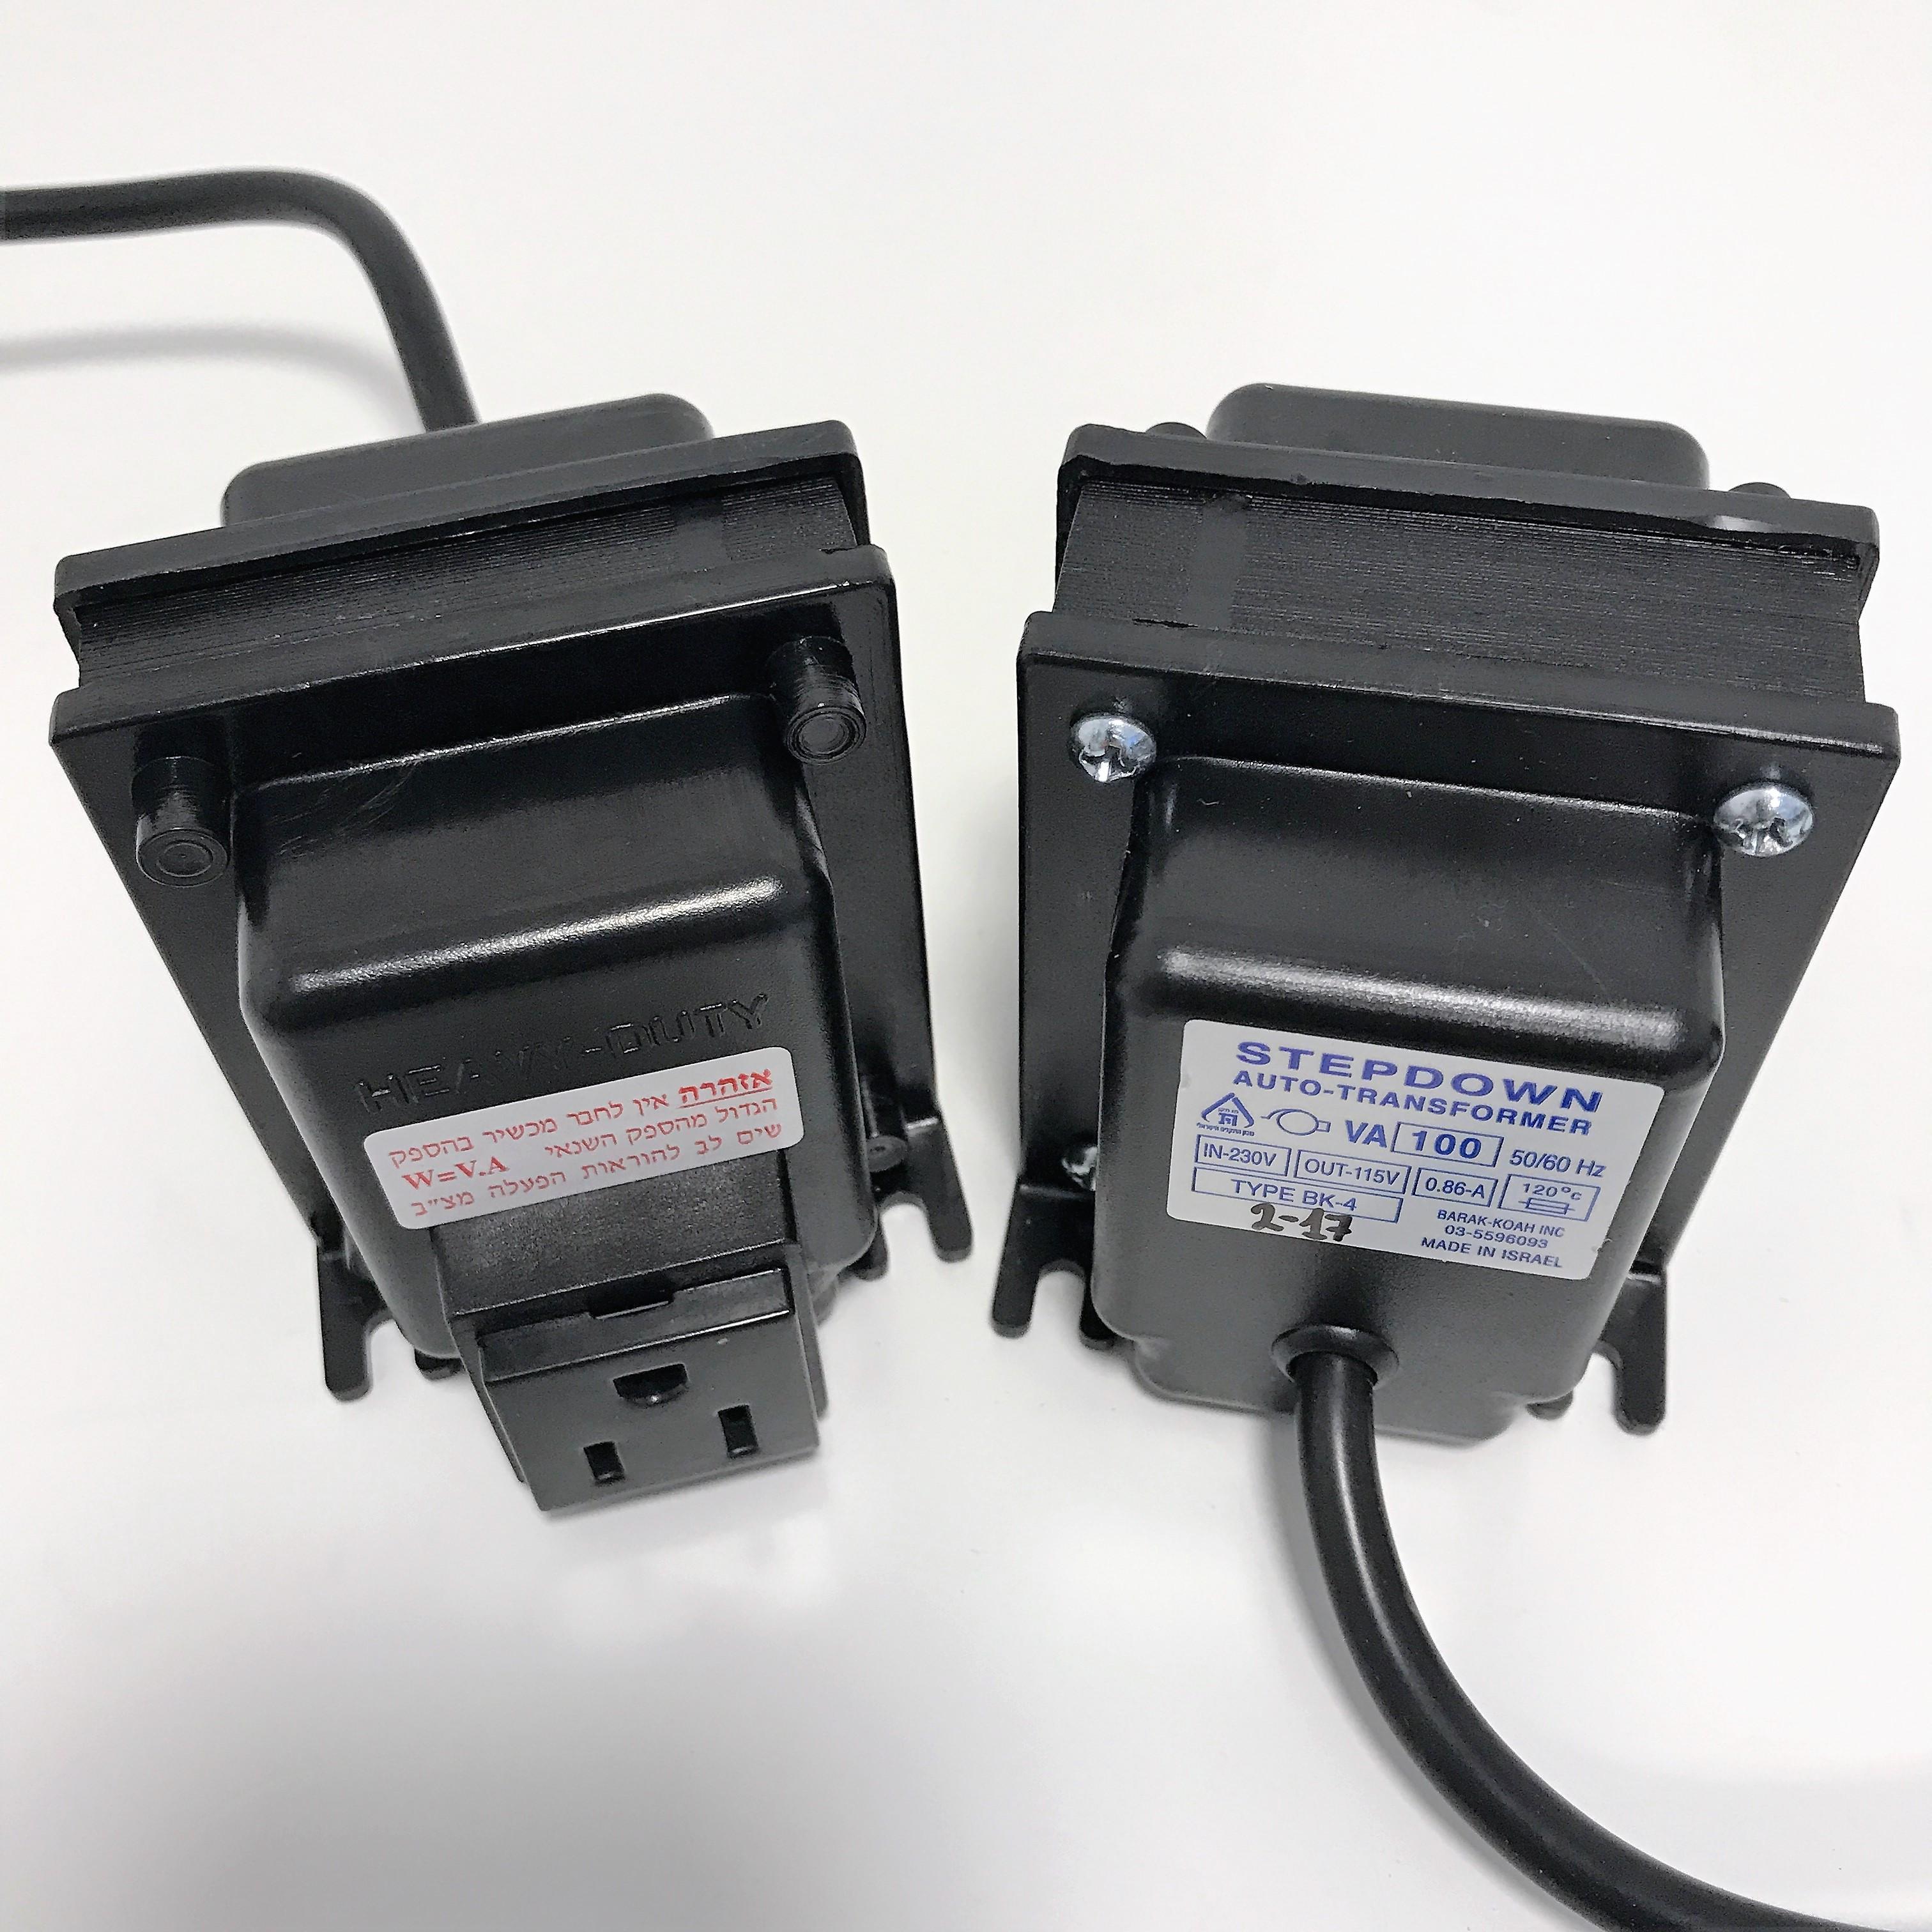 שנאי אוטוטרפו בהספק 750VA (למכשיר אמריקאי 115V)